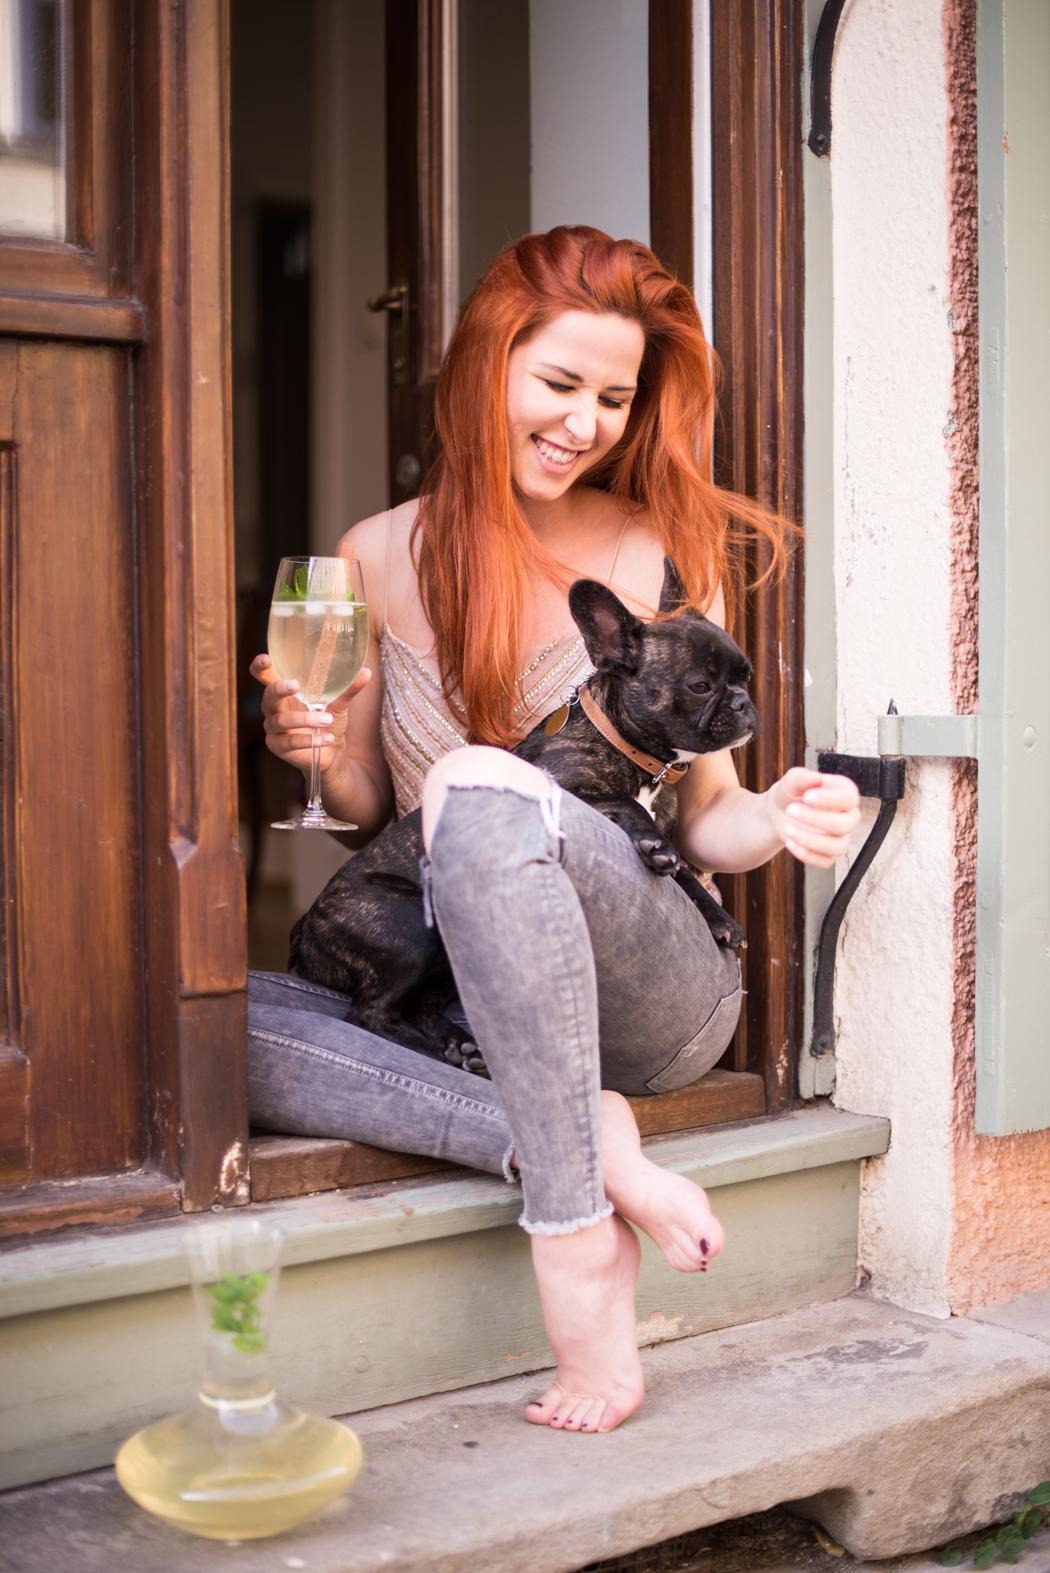 Fashionblog-München-Fashionblogger-Munich-Deutschland-Lindarella-Büro-Hund-Französische-Bulldogge-Vicky-Blog-Lifestyle-rote-Haare-Redhead-Fashion Blog-4